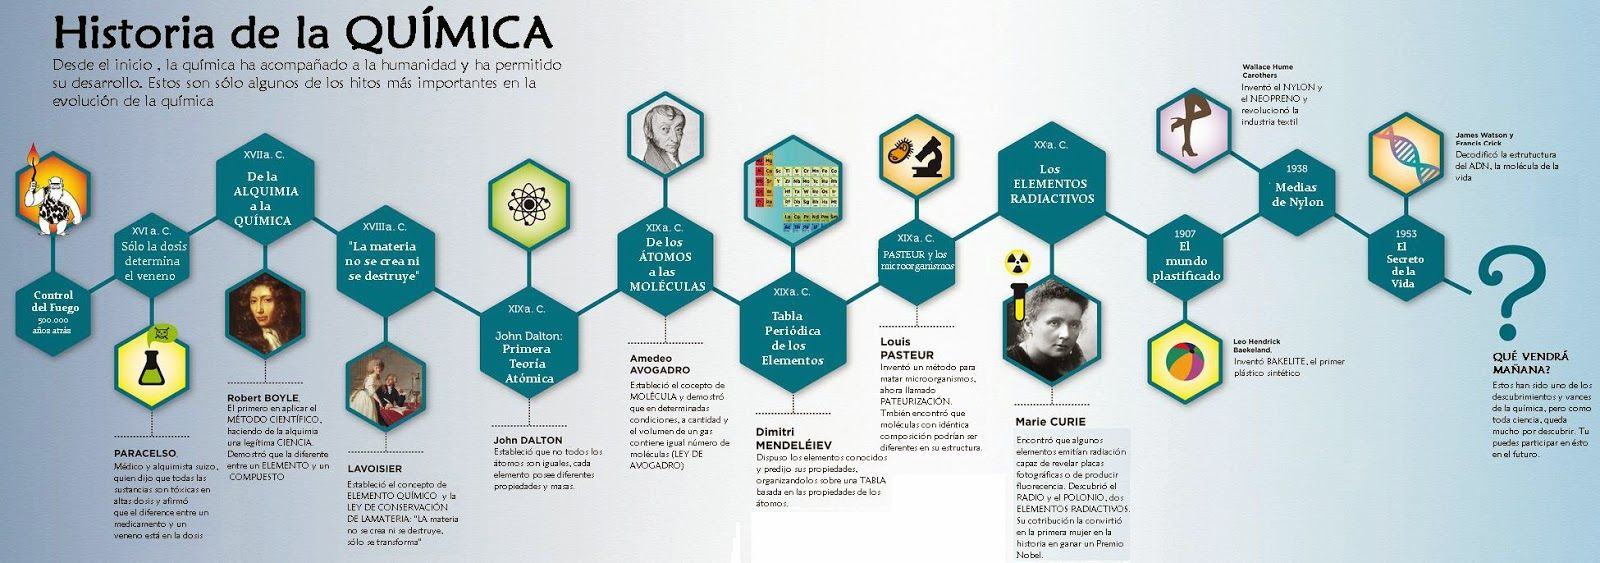 HISTORIA DE LA QUÍMICA. Barra cronológica de los principales hitos ...